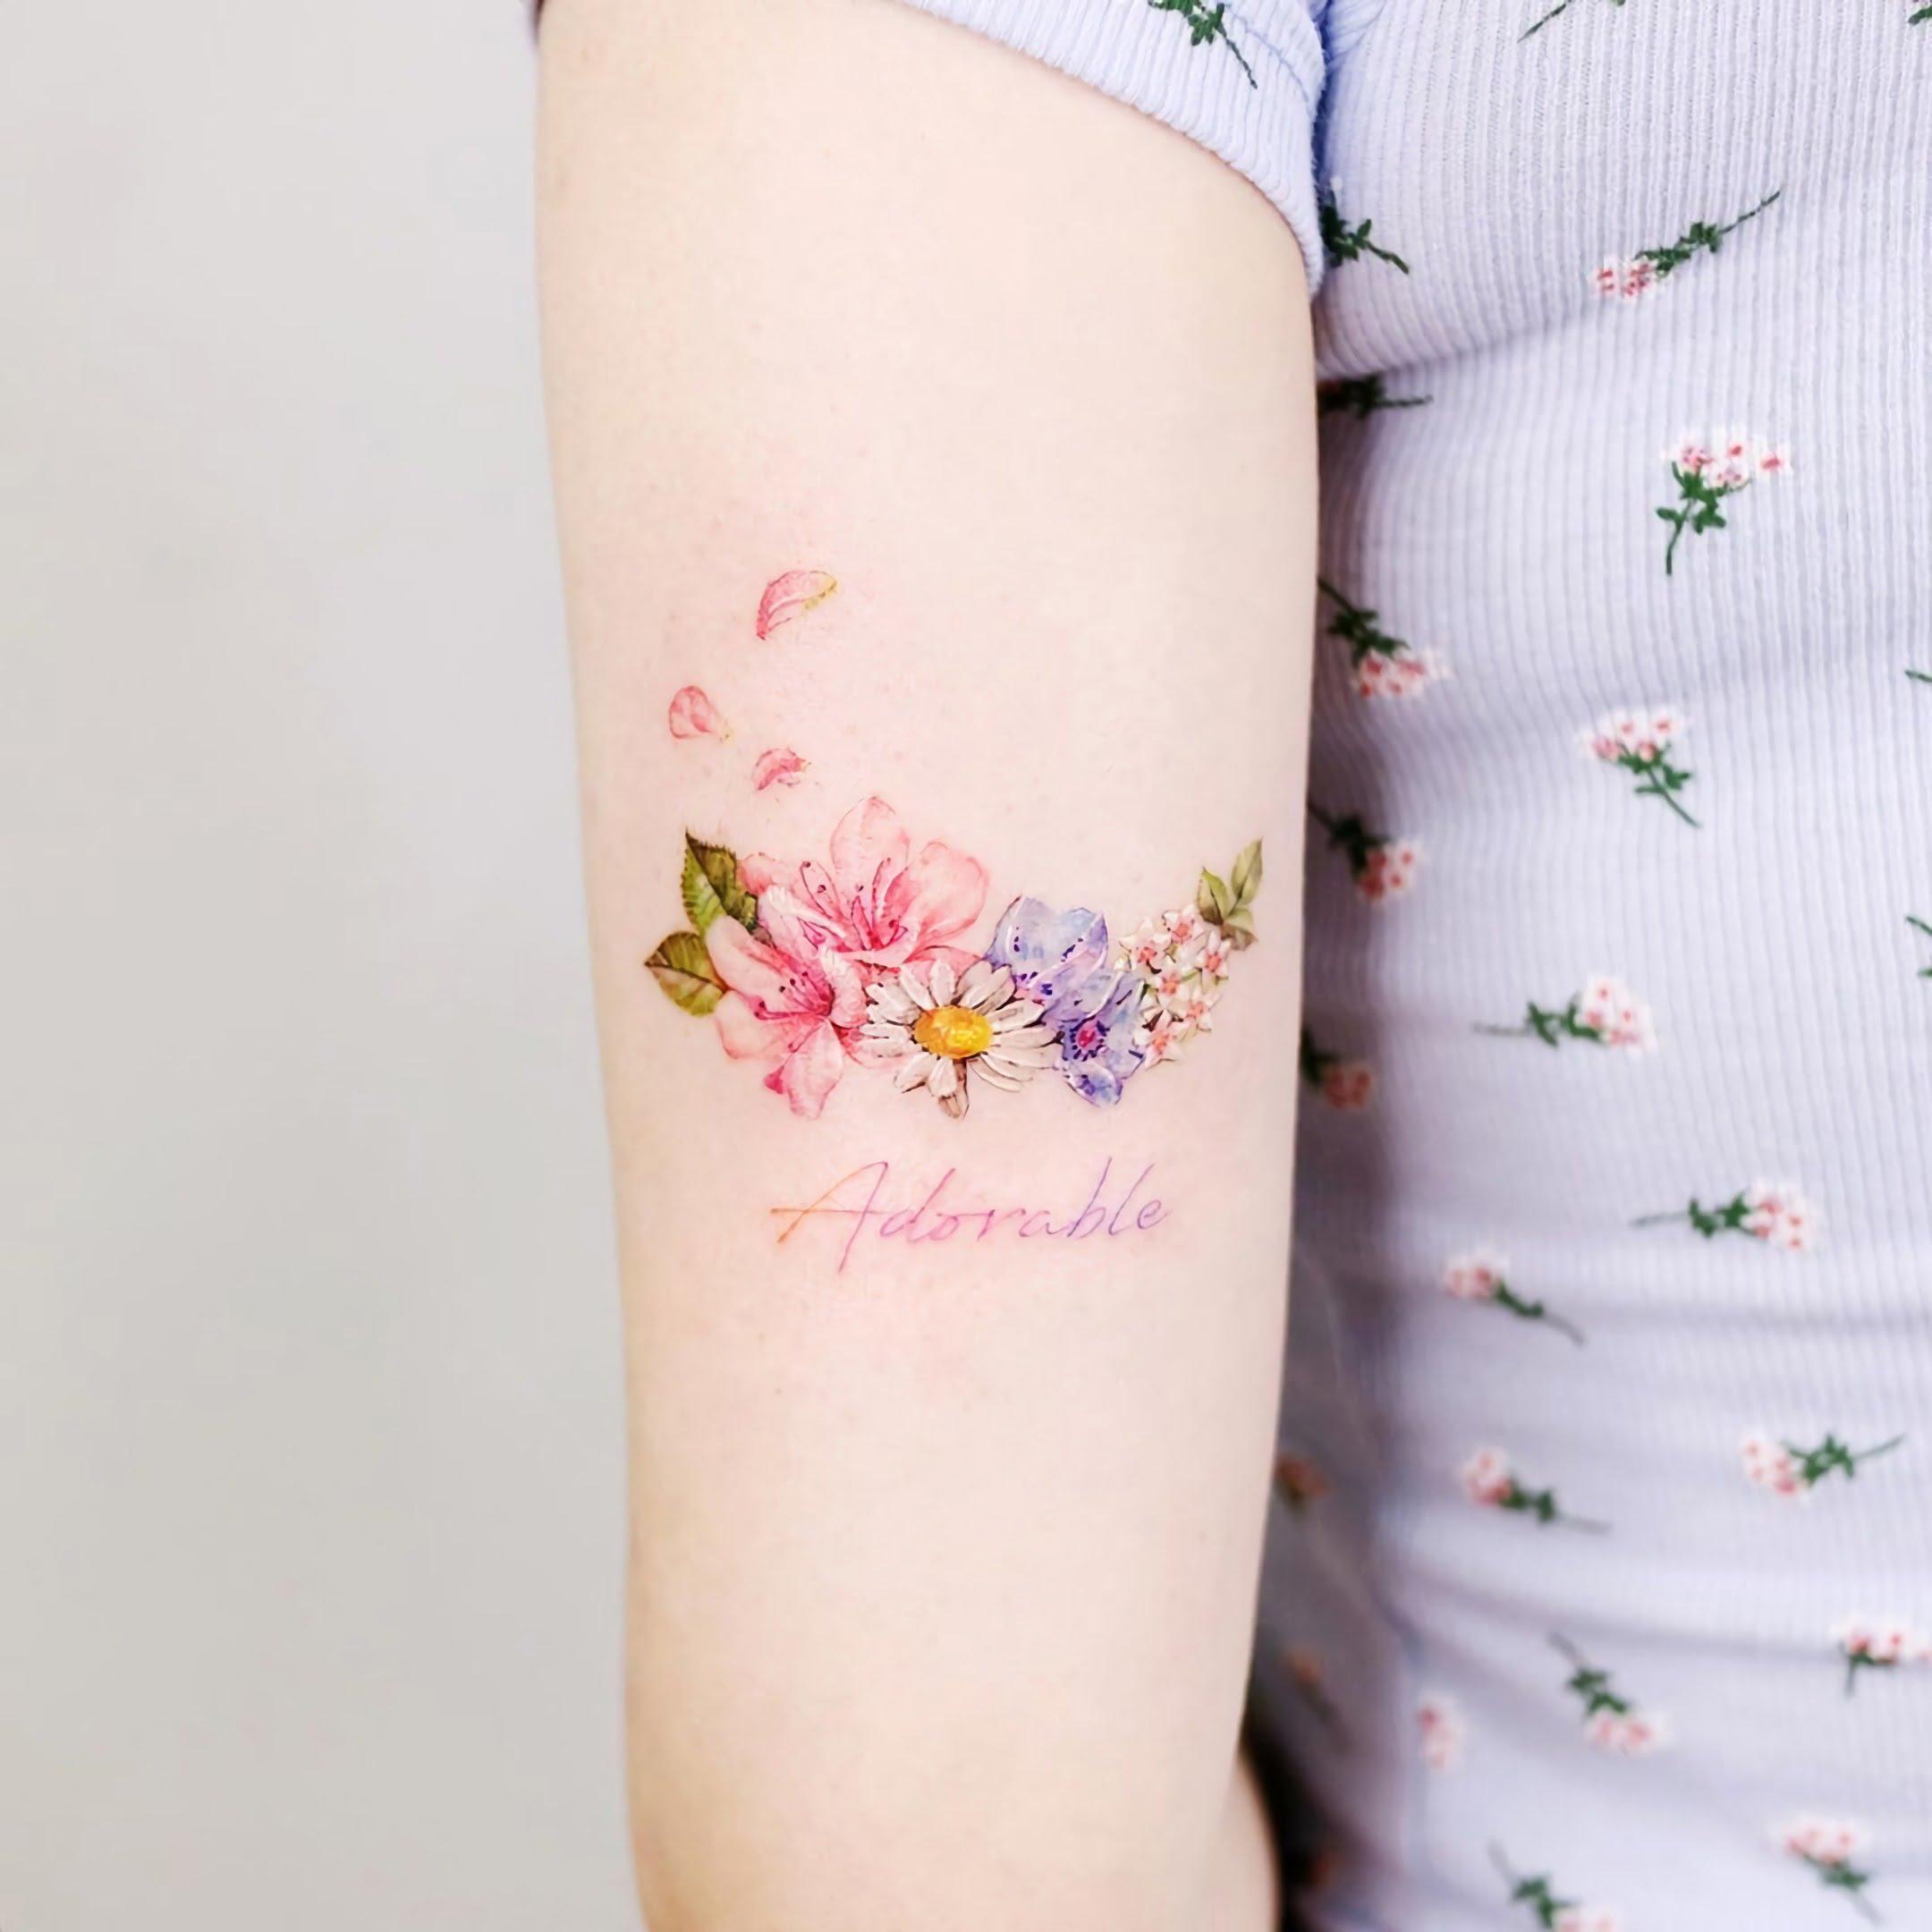 татуировка дня рождение с цветами